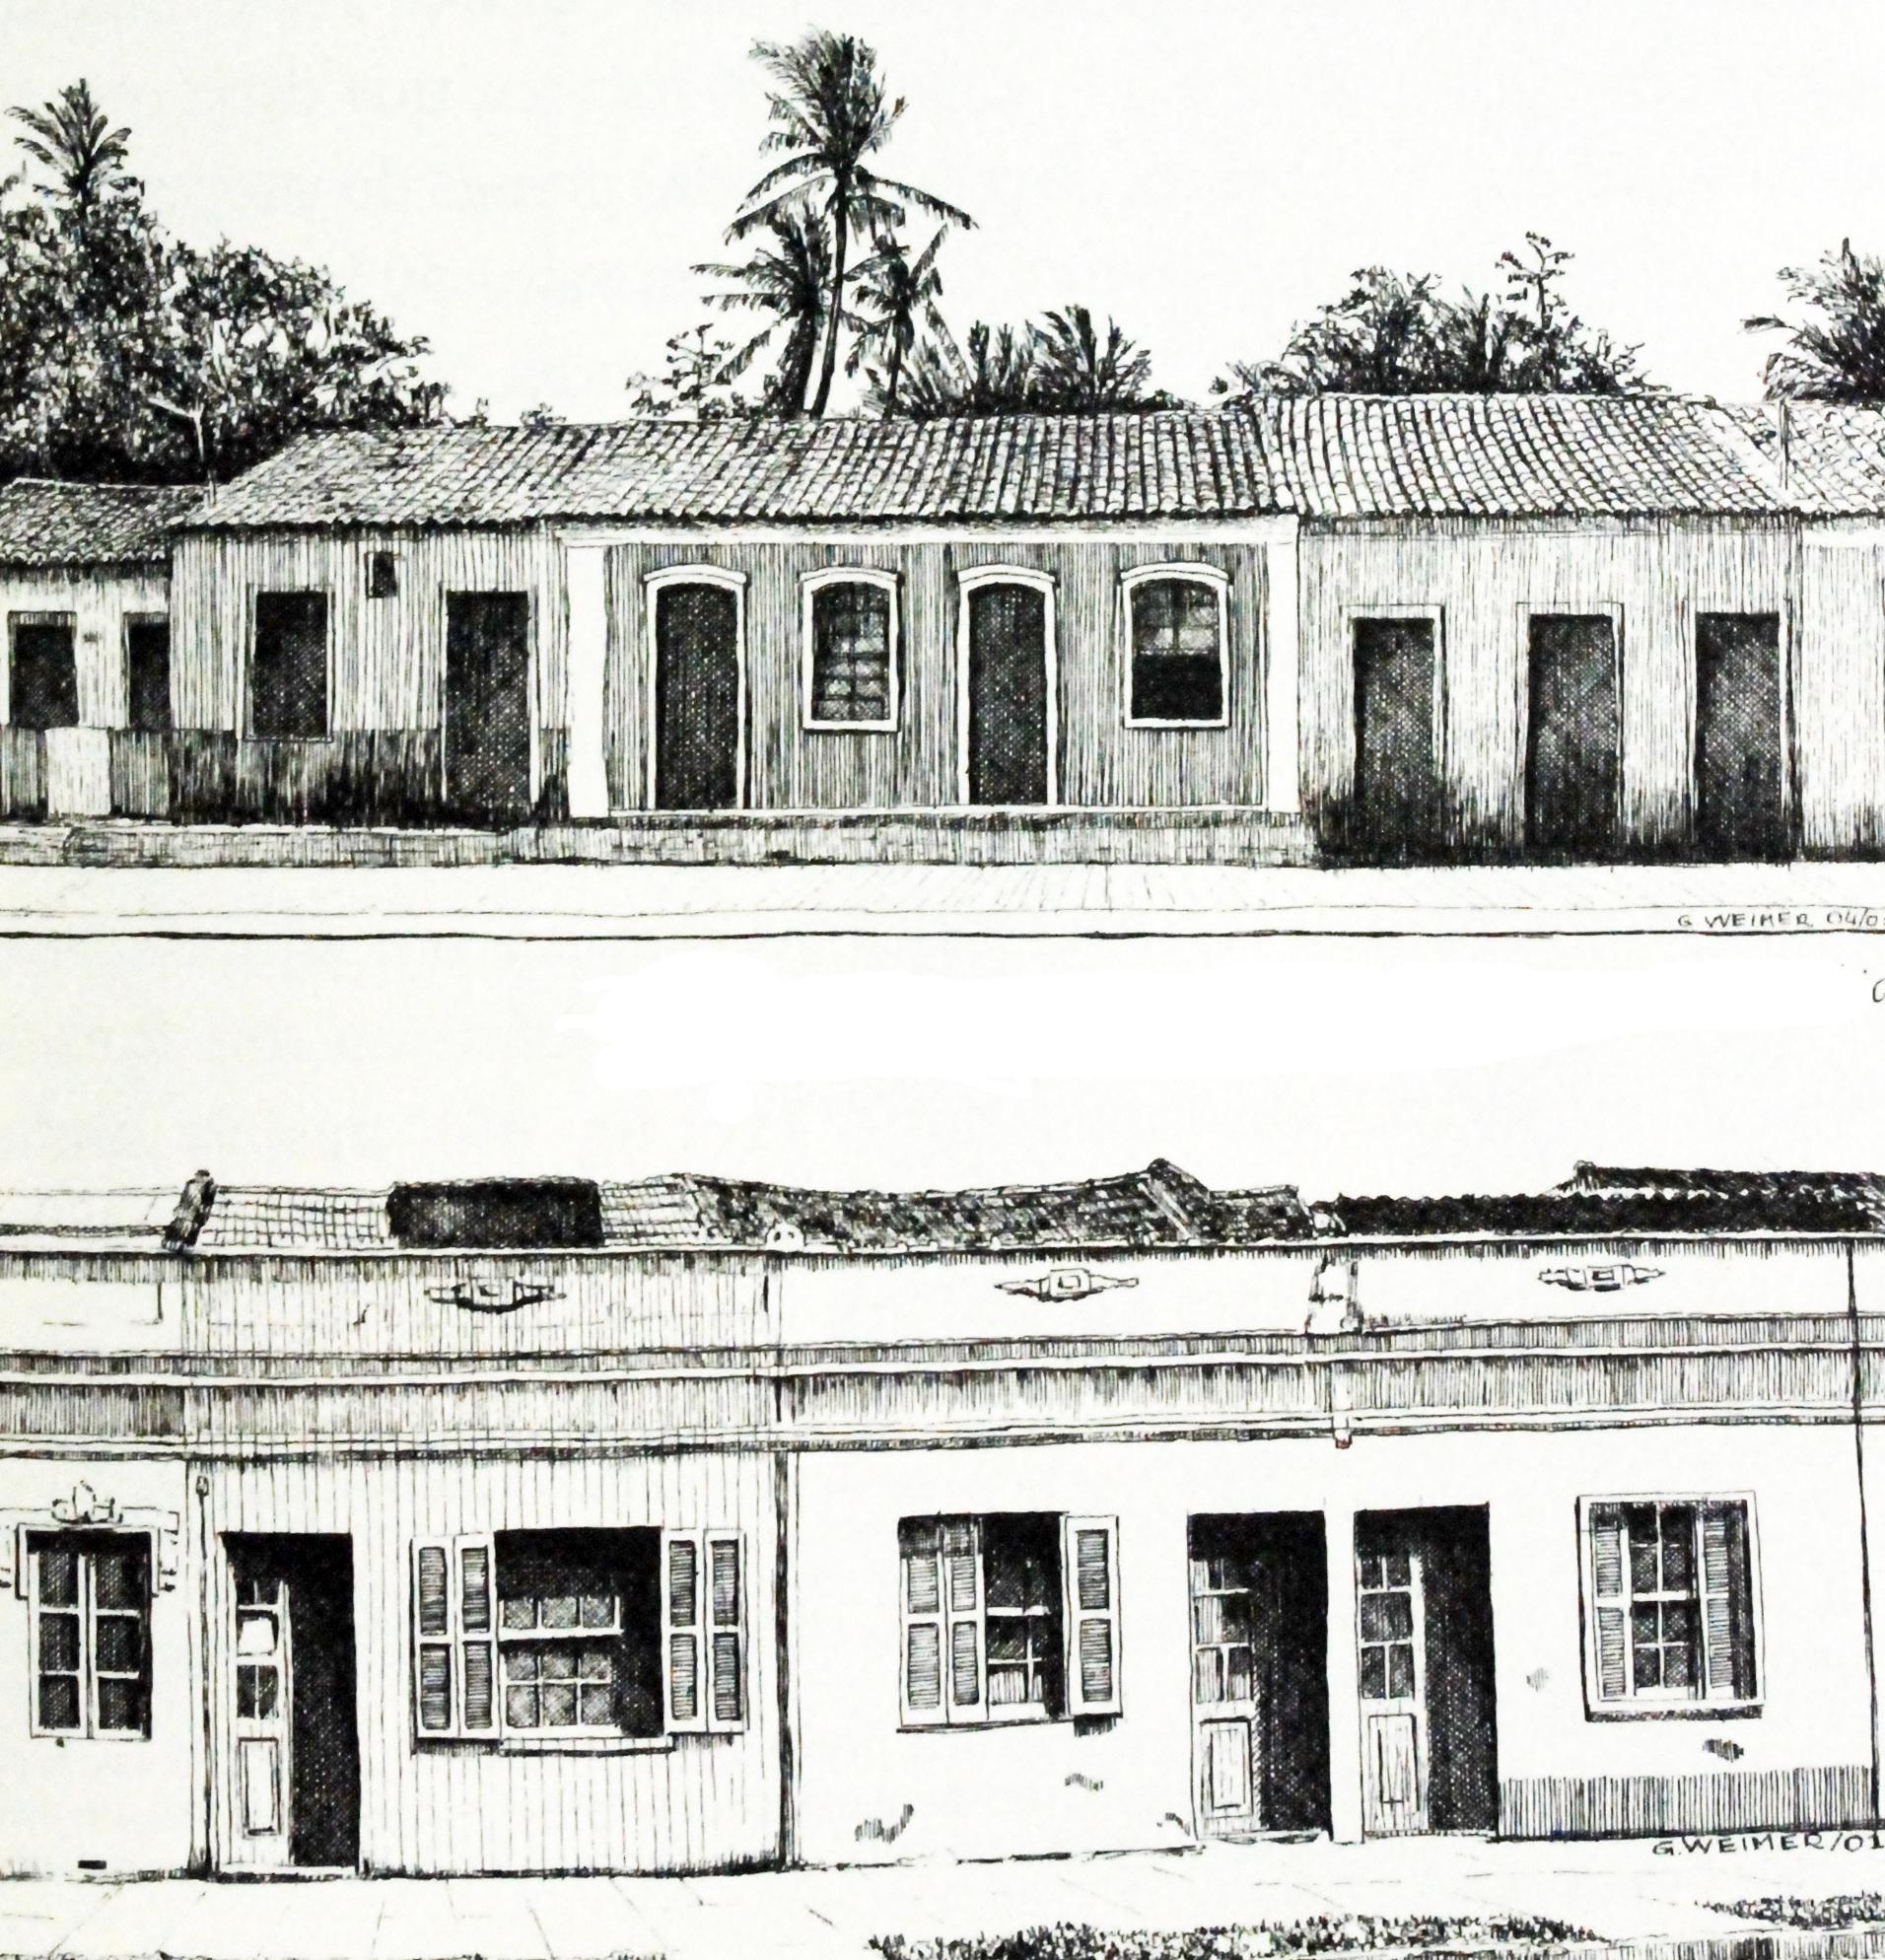 A Casa Invisível: Fragmentos sobre a arquitetura popular no Brasil / João Diniz, Figura 7. casario de 'Porta e Janela' em Porto Seguro, Bahia (acima) e em Porto Alegre, Rio Grande do Sul (abaixo)